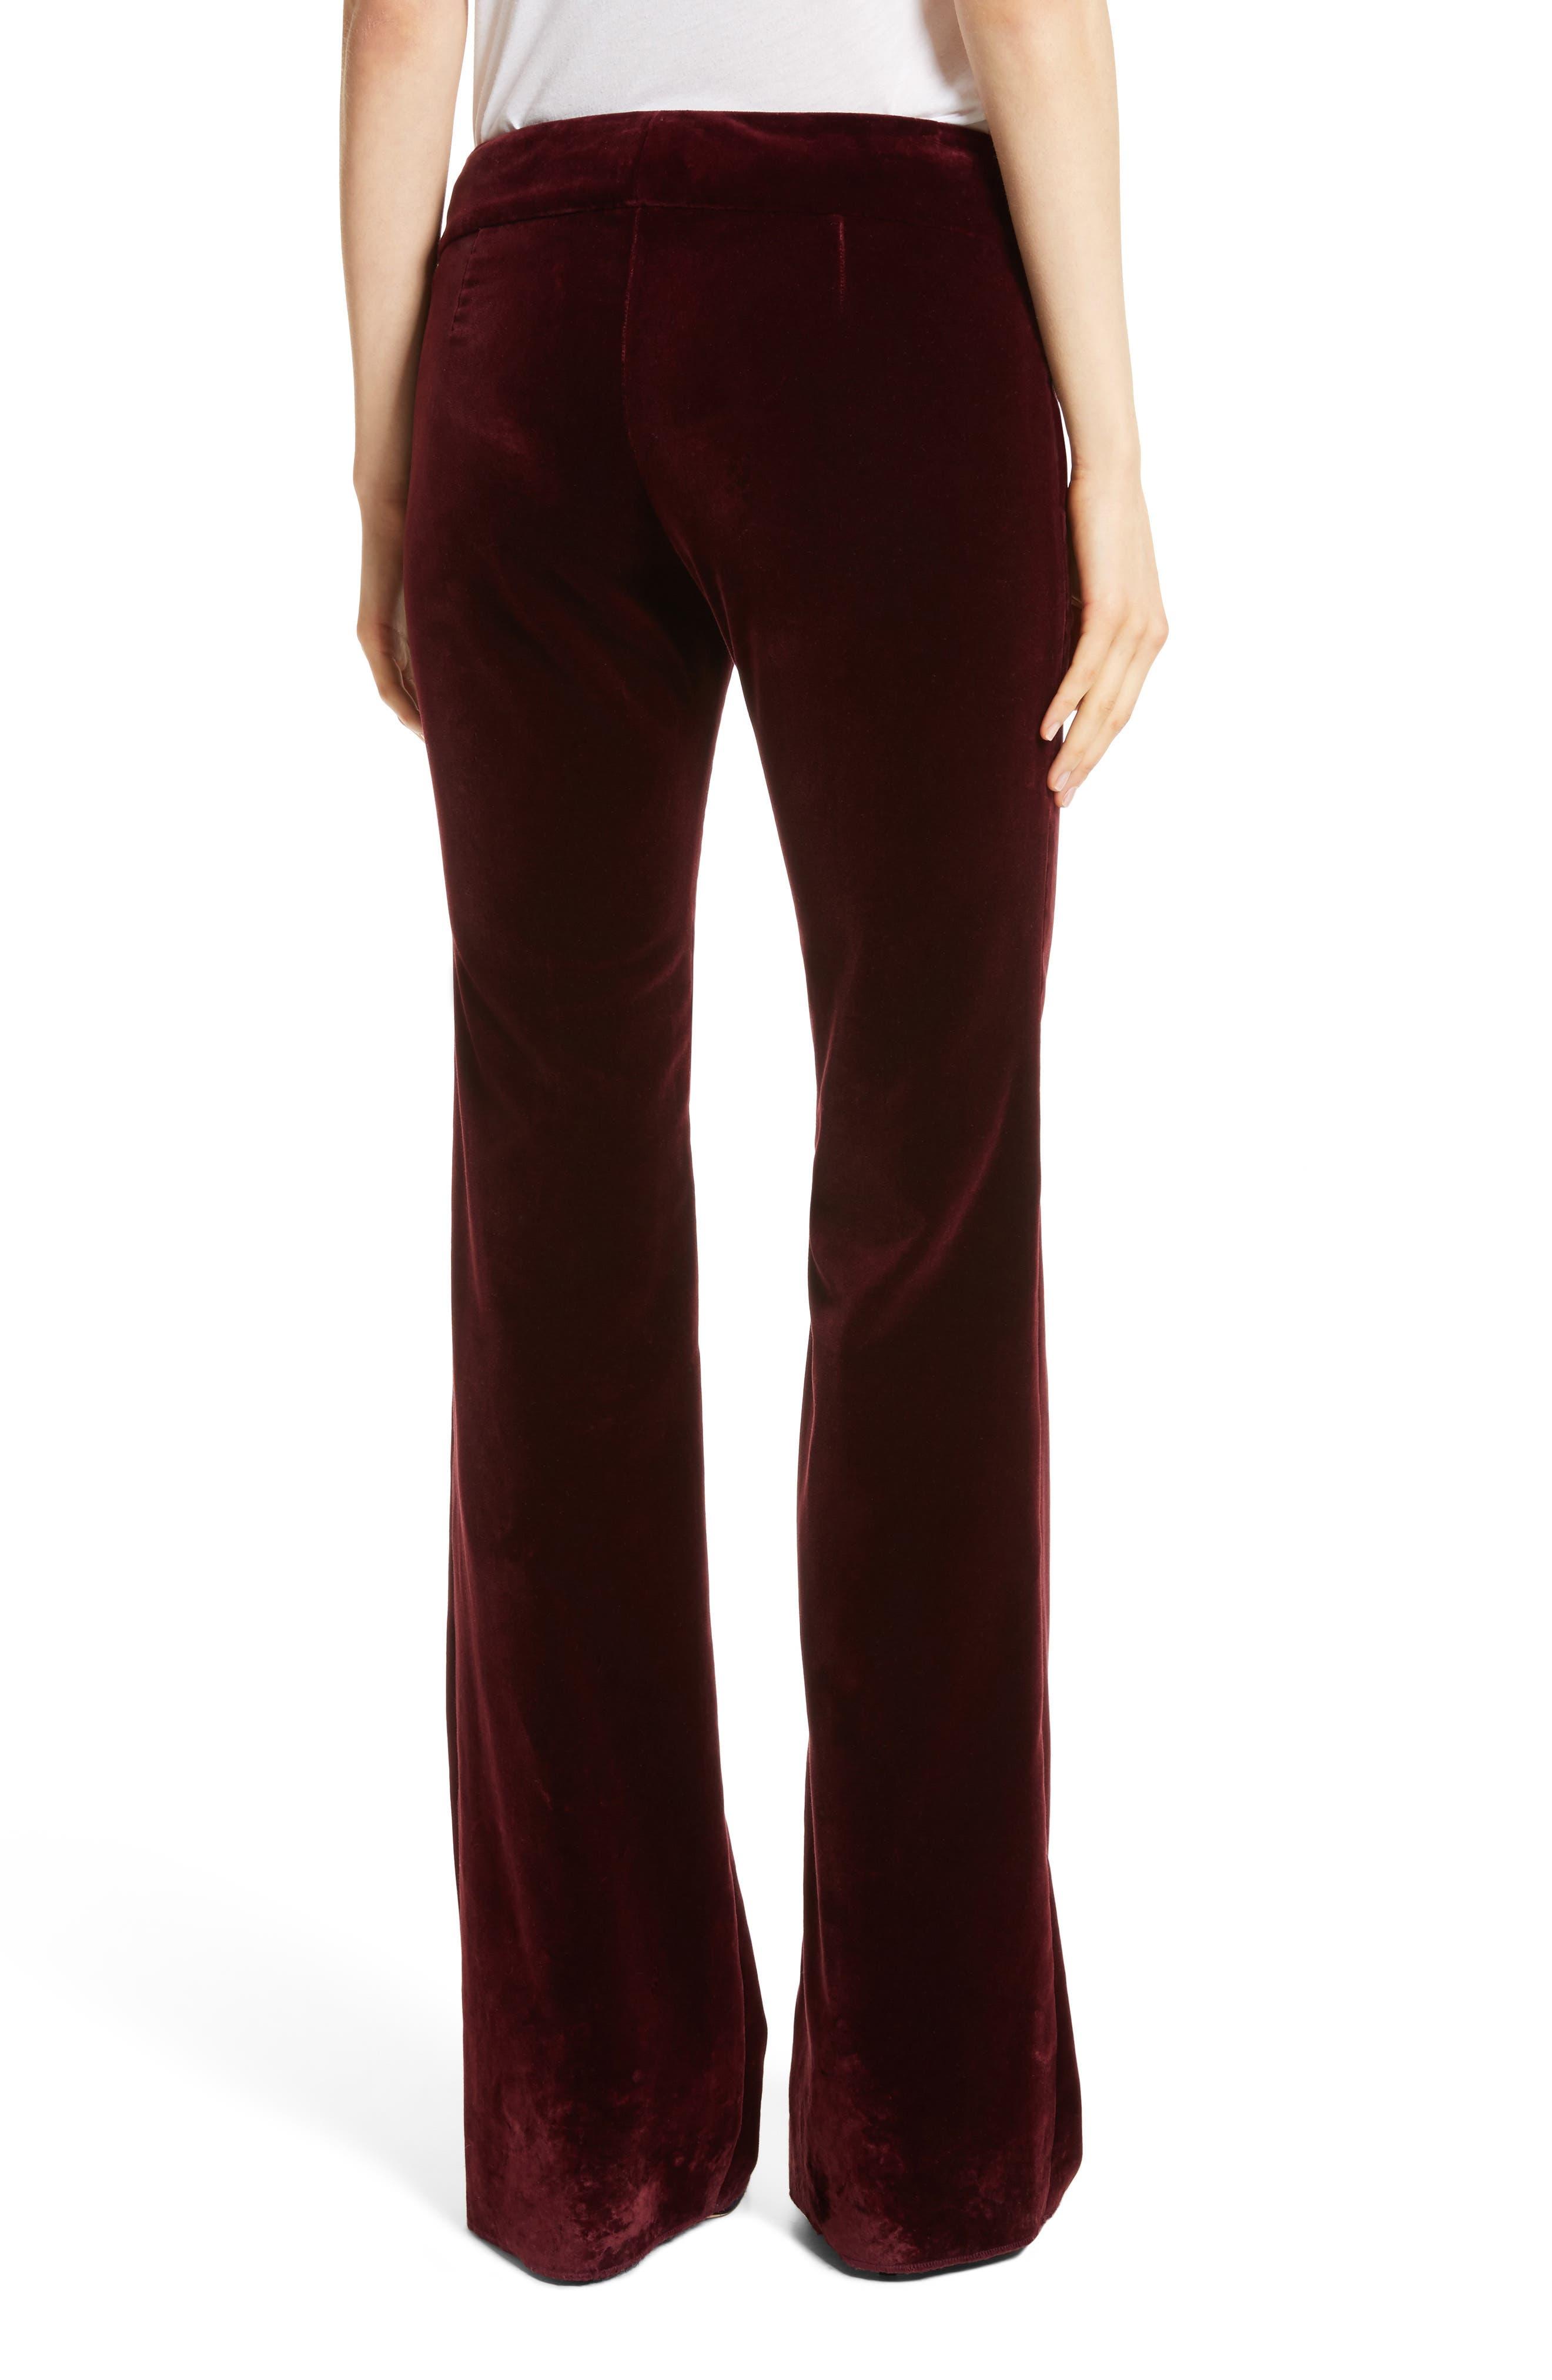 Amoire Velvet Flare Pants,                             Alternate thumbnail 4, color,                             Burgundy